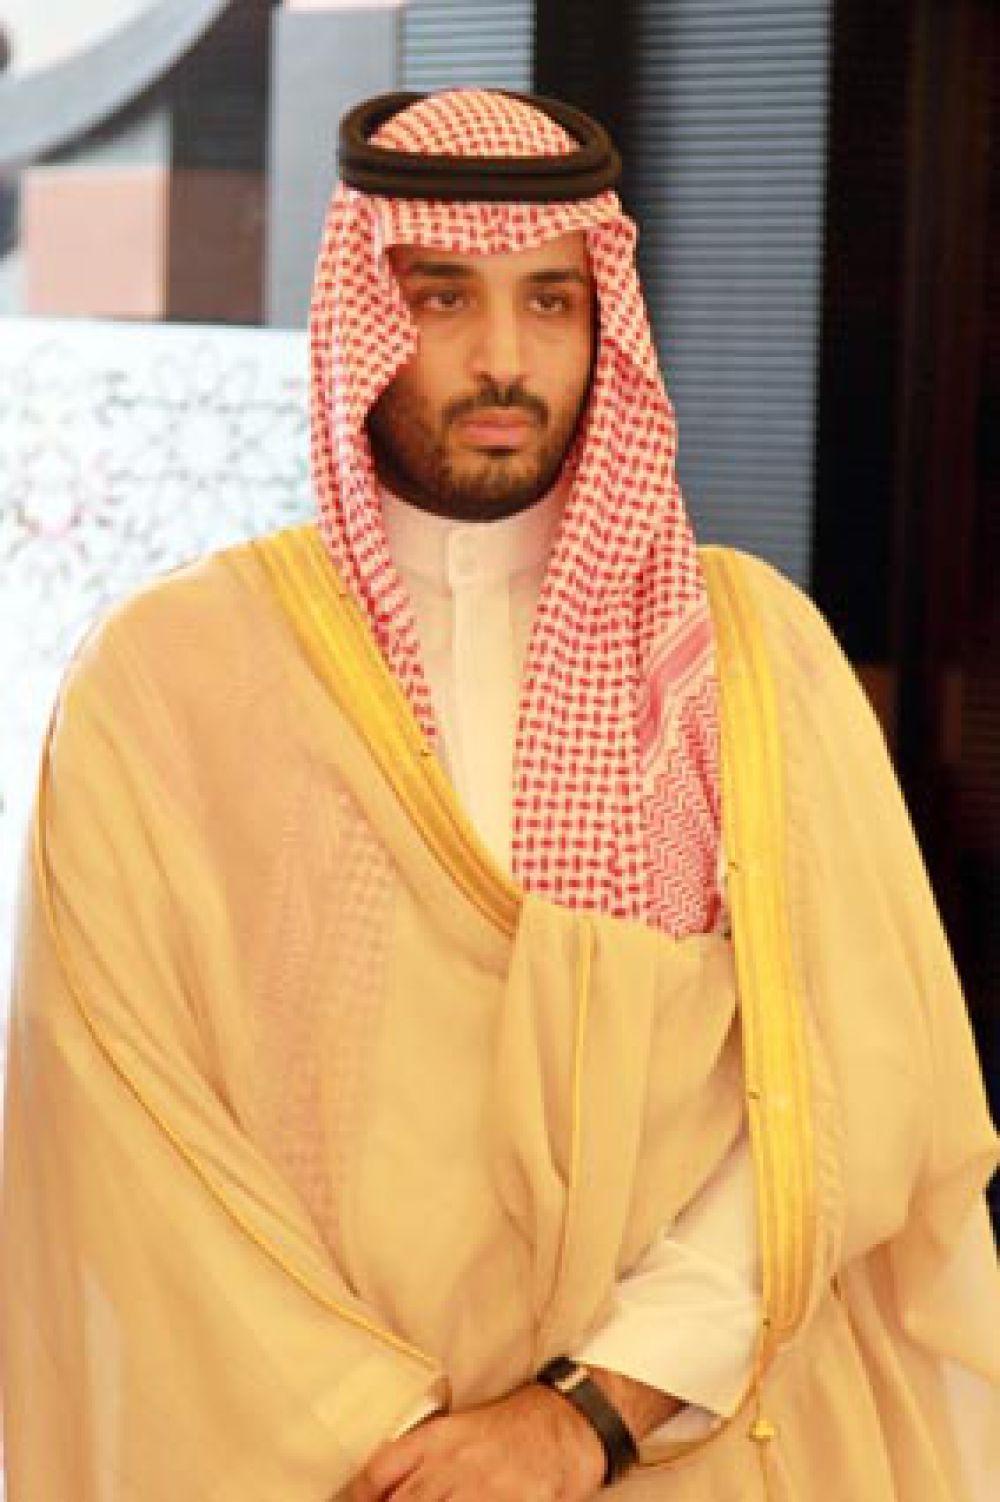 Министр обороны Саудовской Аравии Мухаммад ибн Салман Аль Сауд.